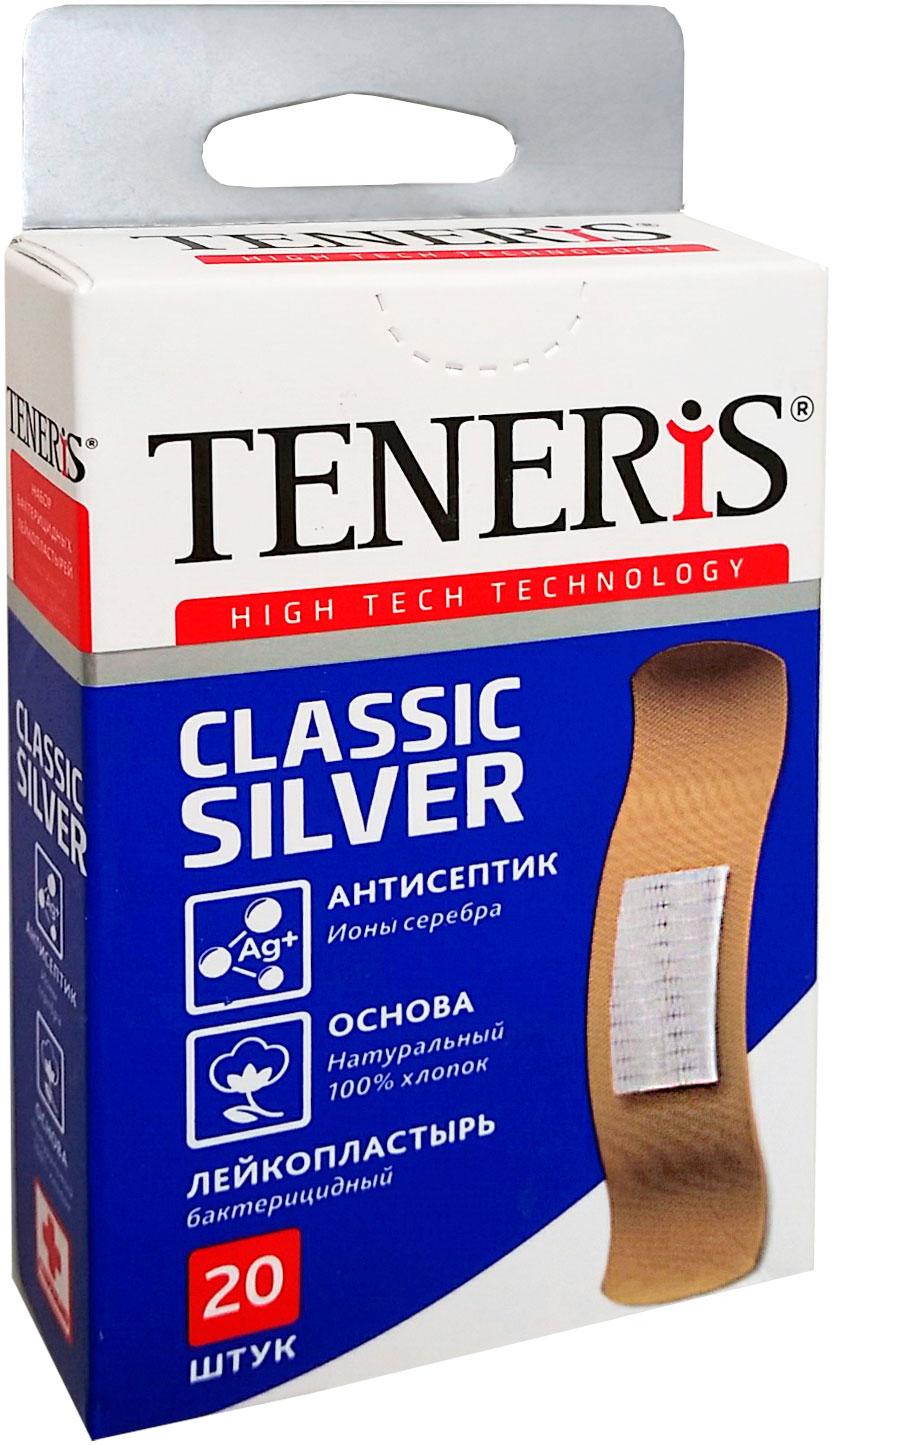 Набор лейкопластырей Тенерис Классик Силвер бактерицидных: 20 шт, 76 мм х19 мм54010Лейкопластырь бактерицидный на тканевой основе. Супер-эластичный. Дышащий. Не стесняет движения. Антисептик - ионы серебра. Антитравматическое покрытие раневой подушечки. 20 шт. в упаковке